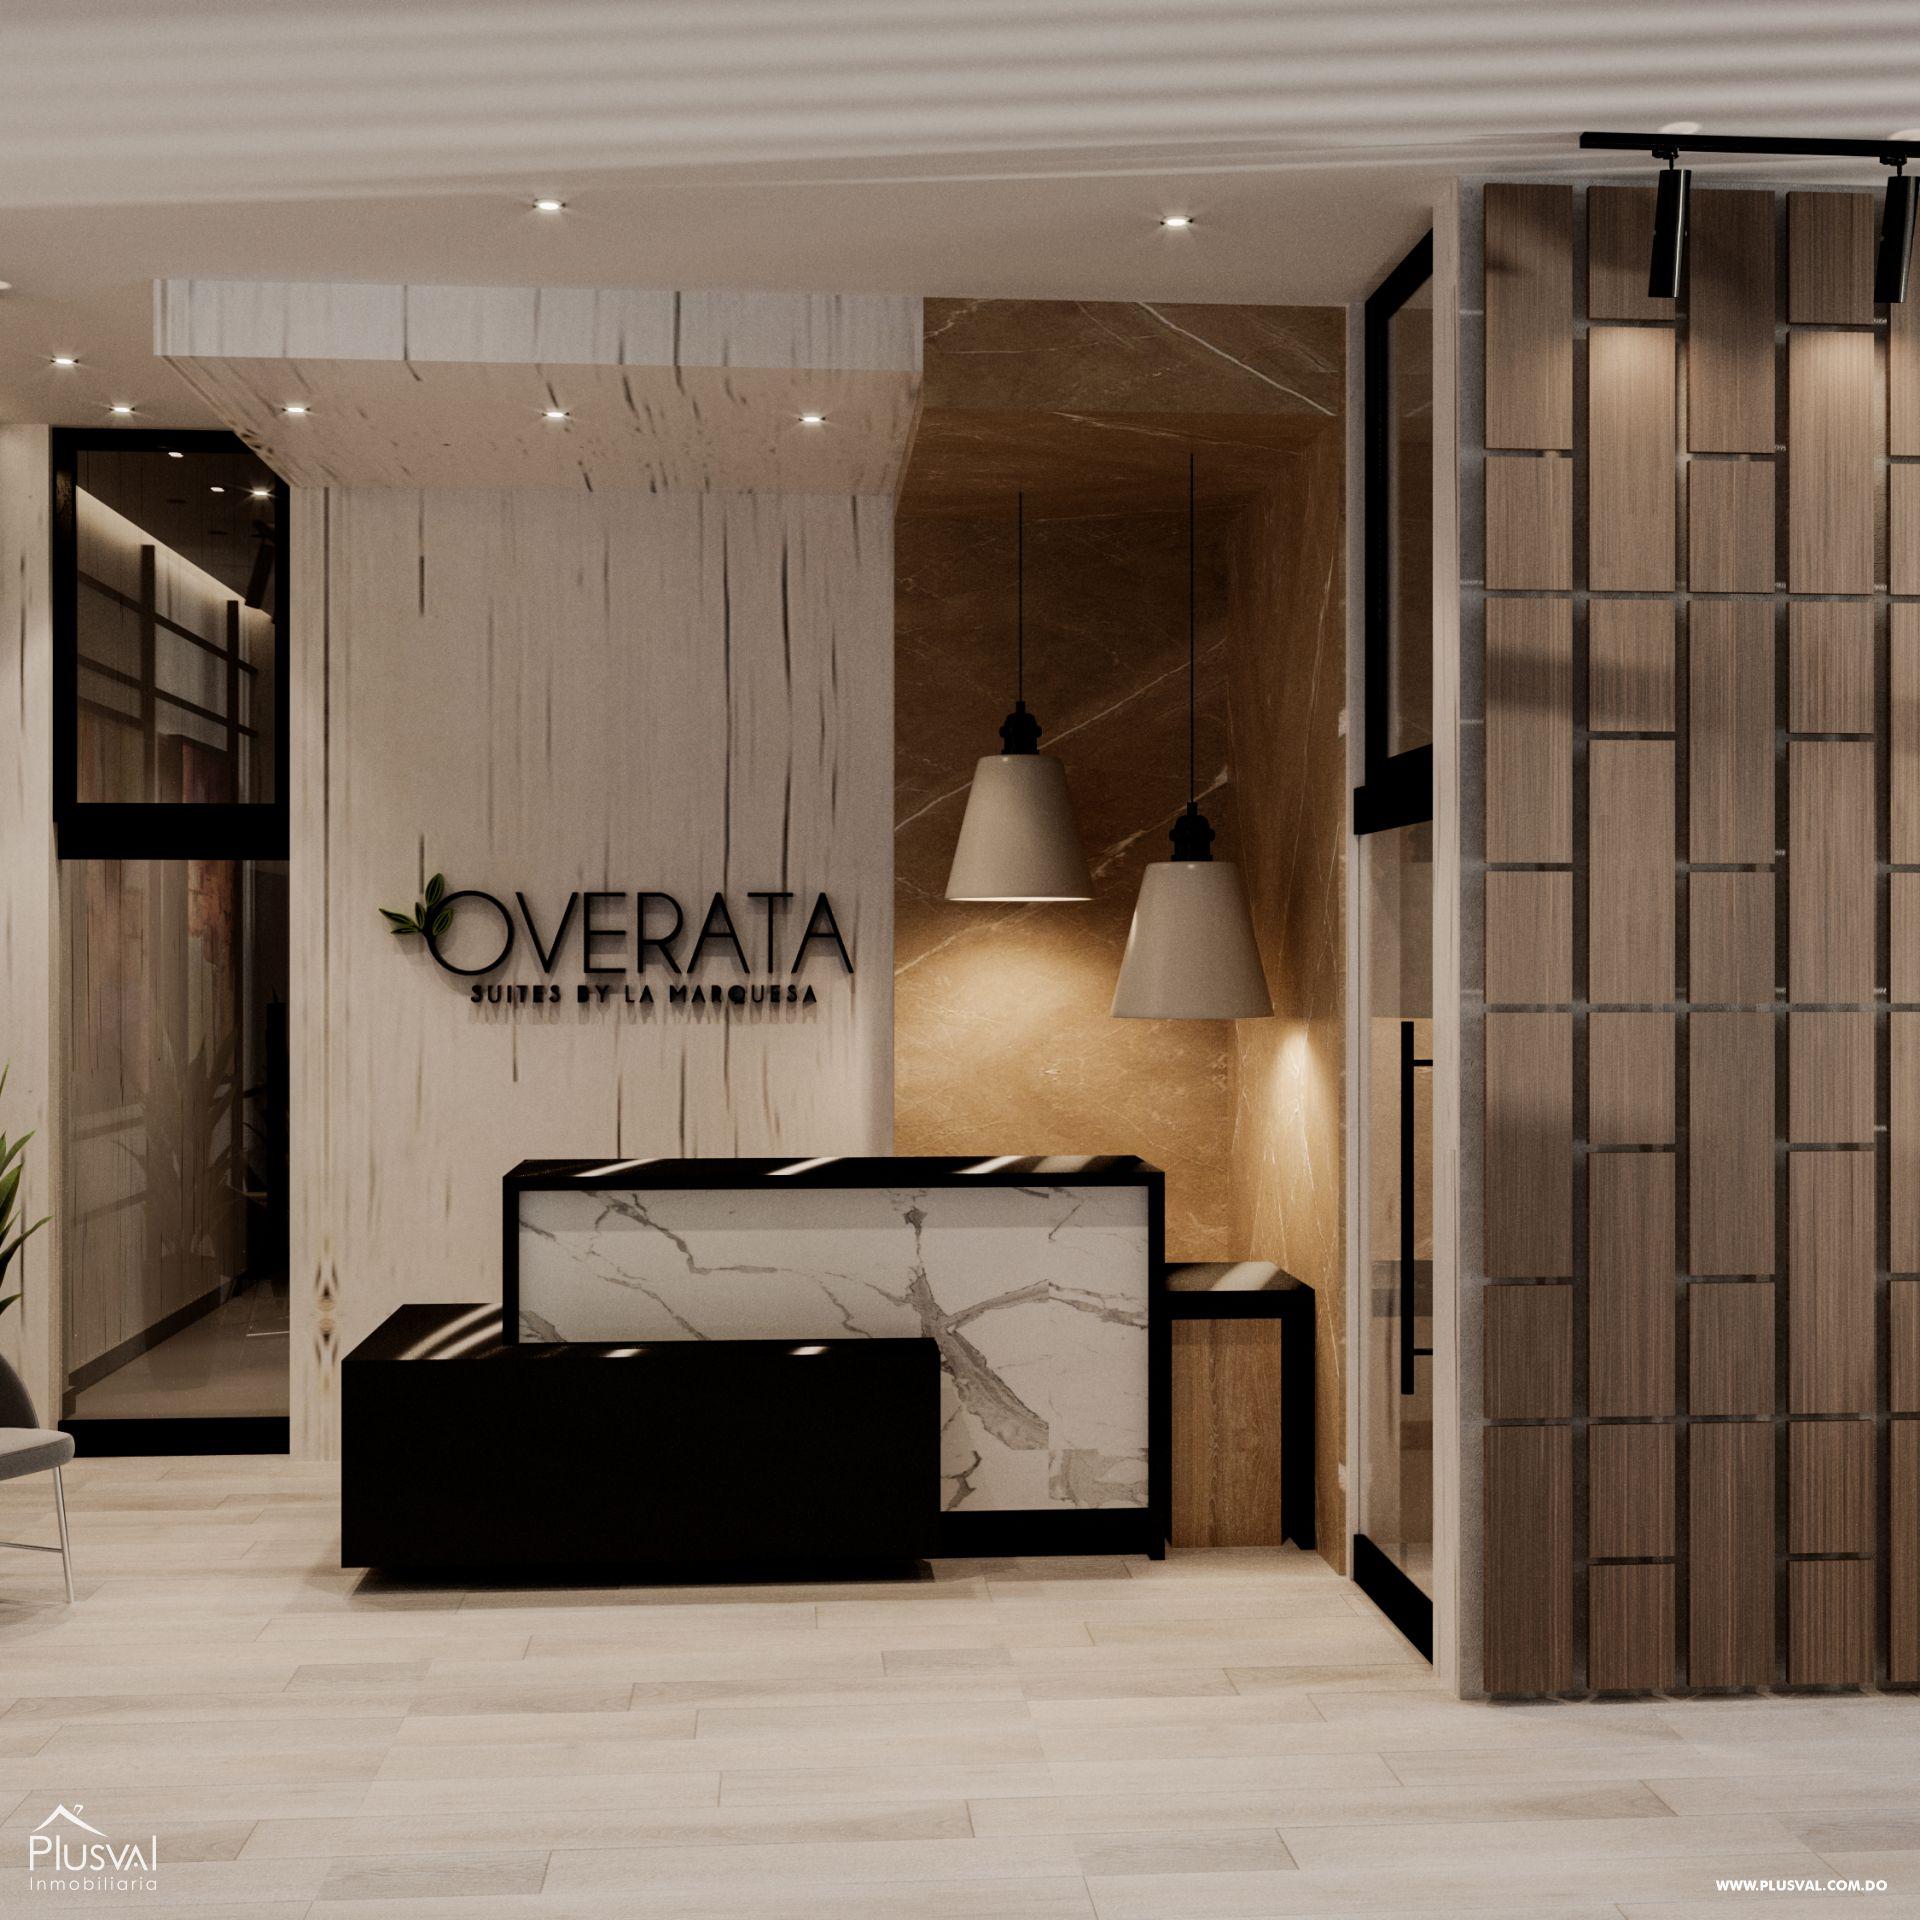 OVERATA Suites by La Marquesa 160495